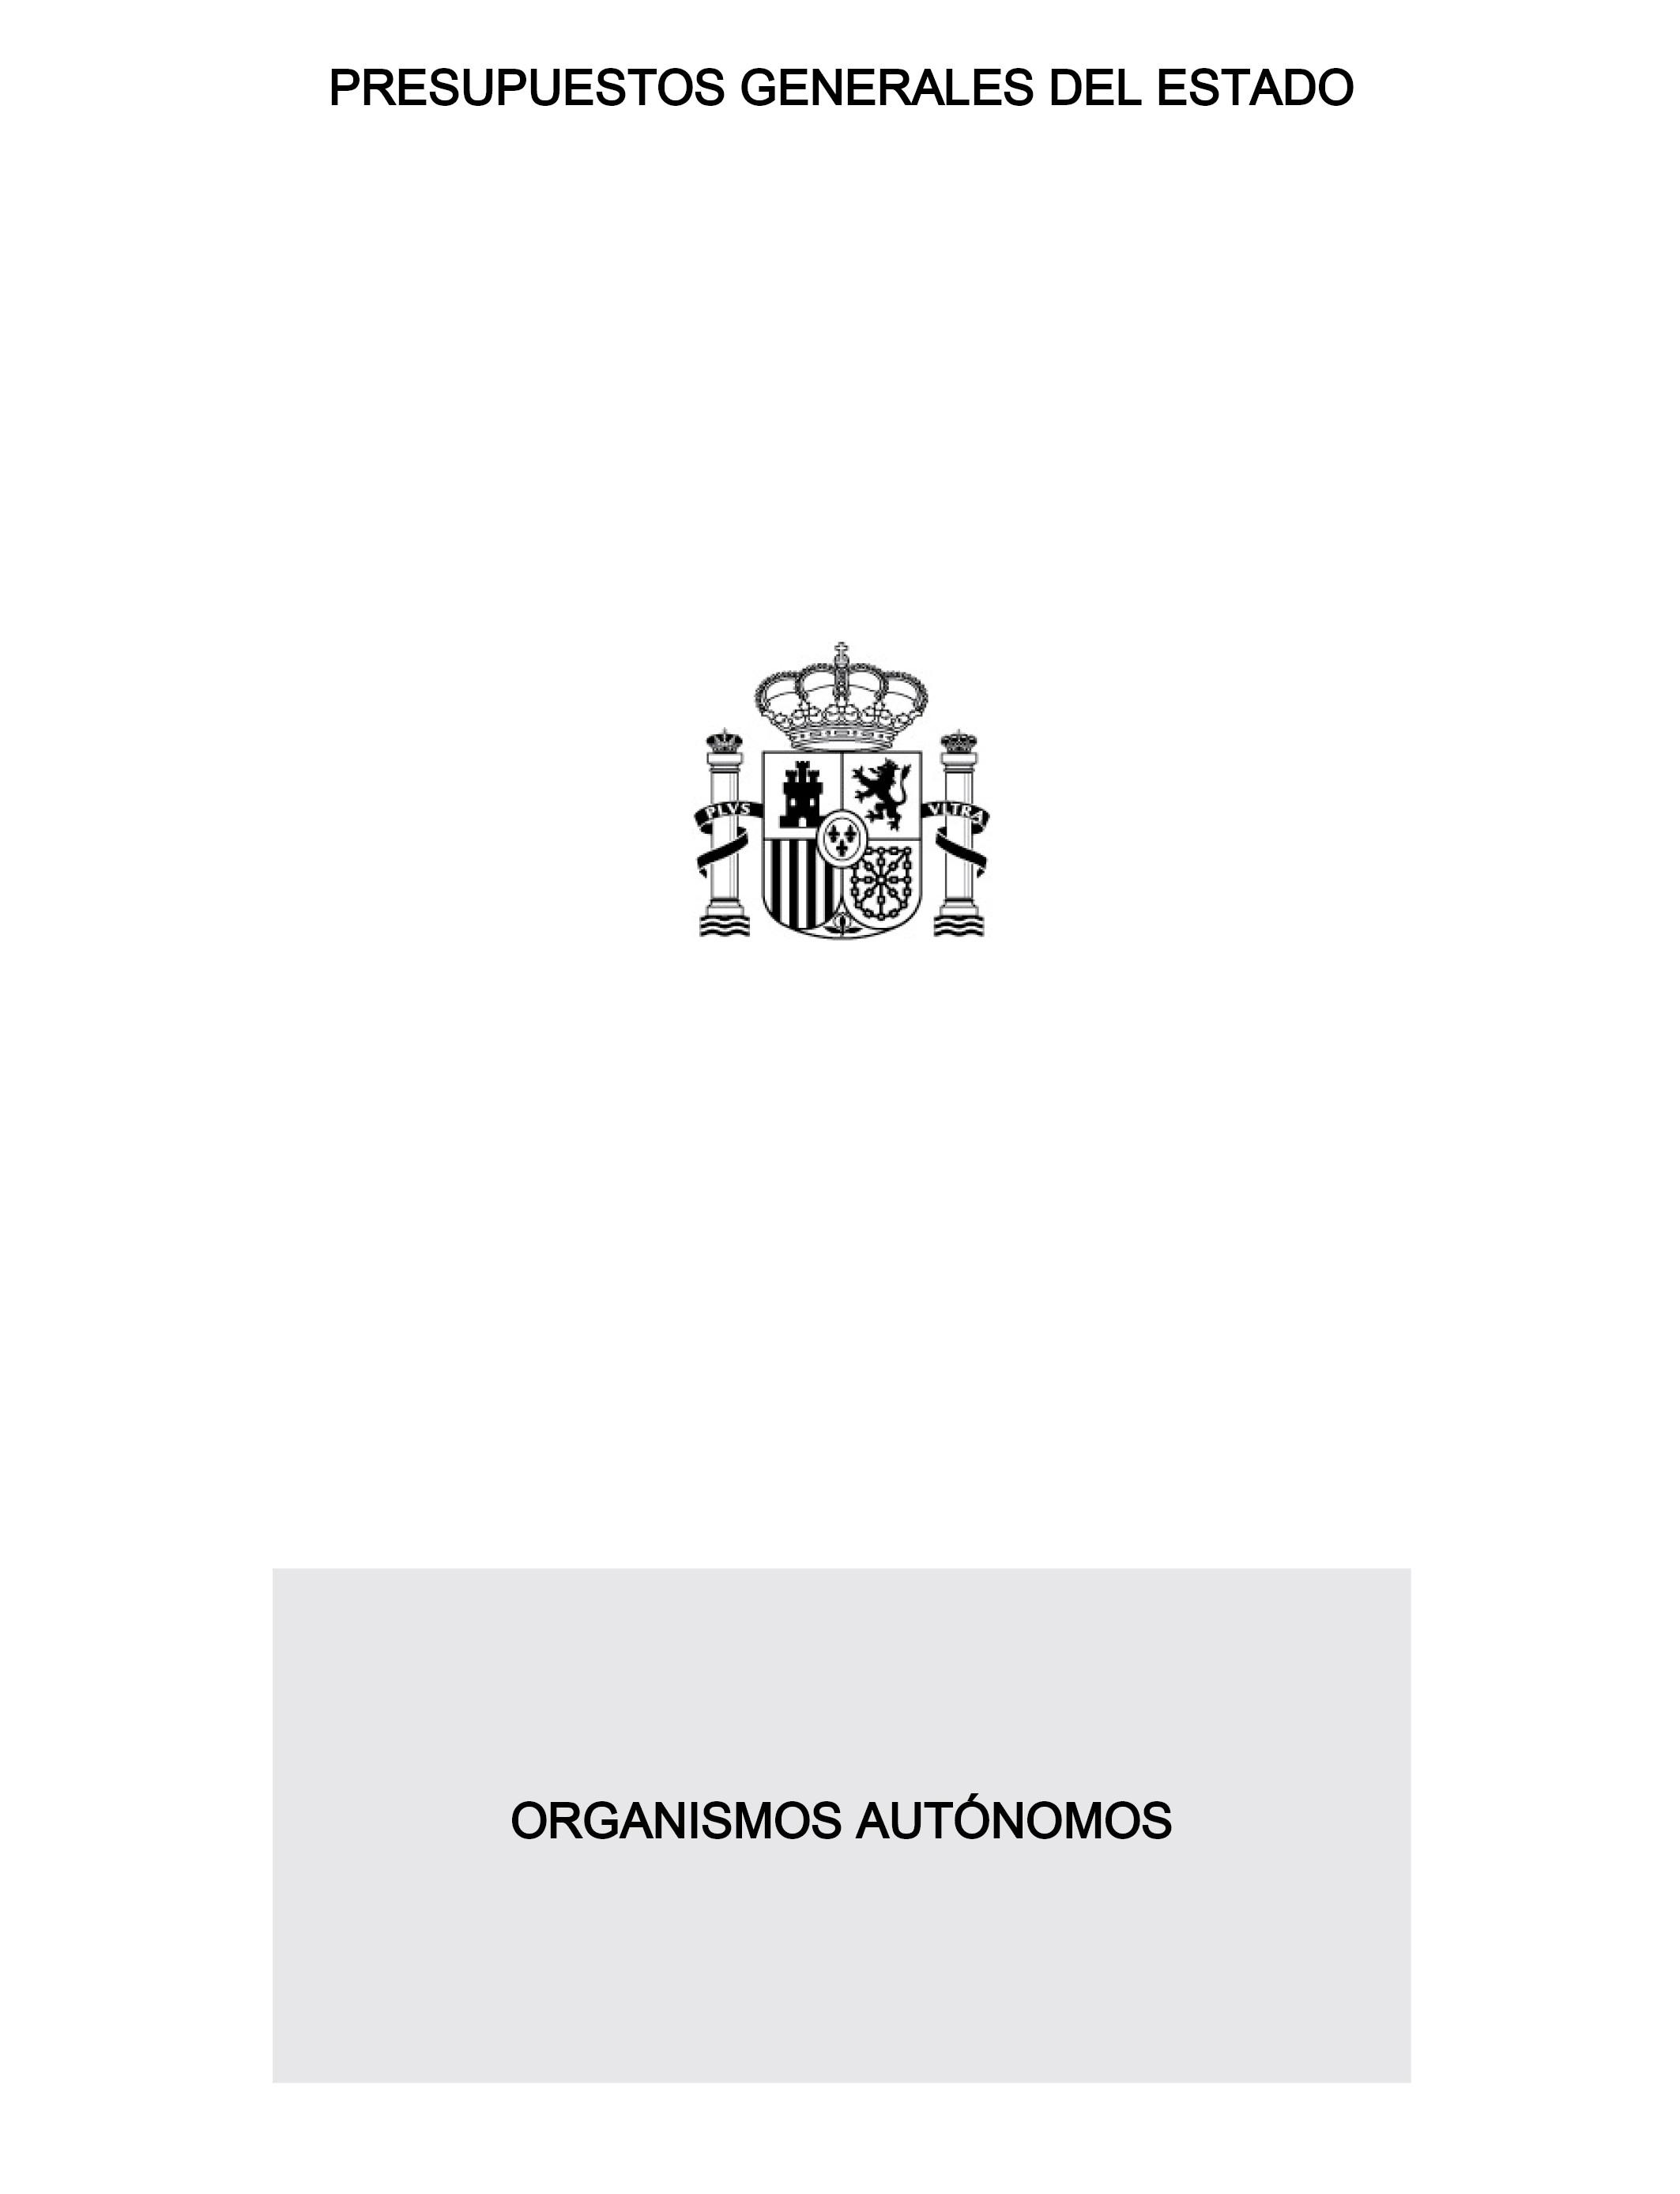 Calendario Escolar 2019 Illes Balears Recientes Boe Documento Consolidado Boe A 2018 9268 Of Calendario Escolar 2019 Illes Balears Más Arriba-a-fecha Del De Les butlleti Oficial Parlament Illes Balears Sumari Sumario